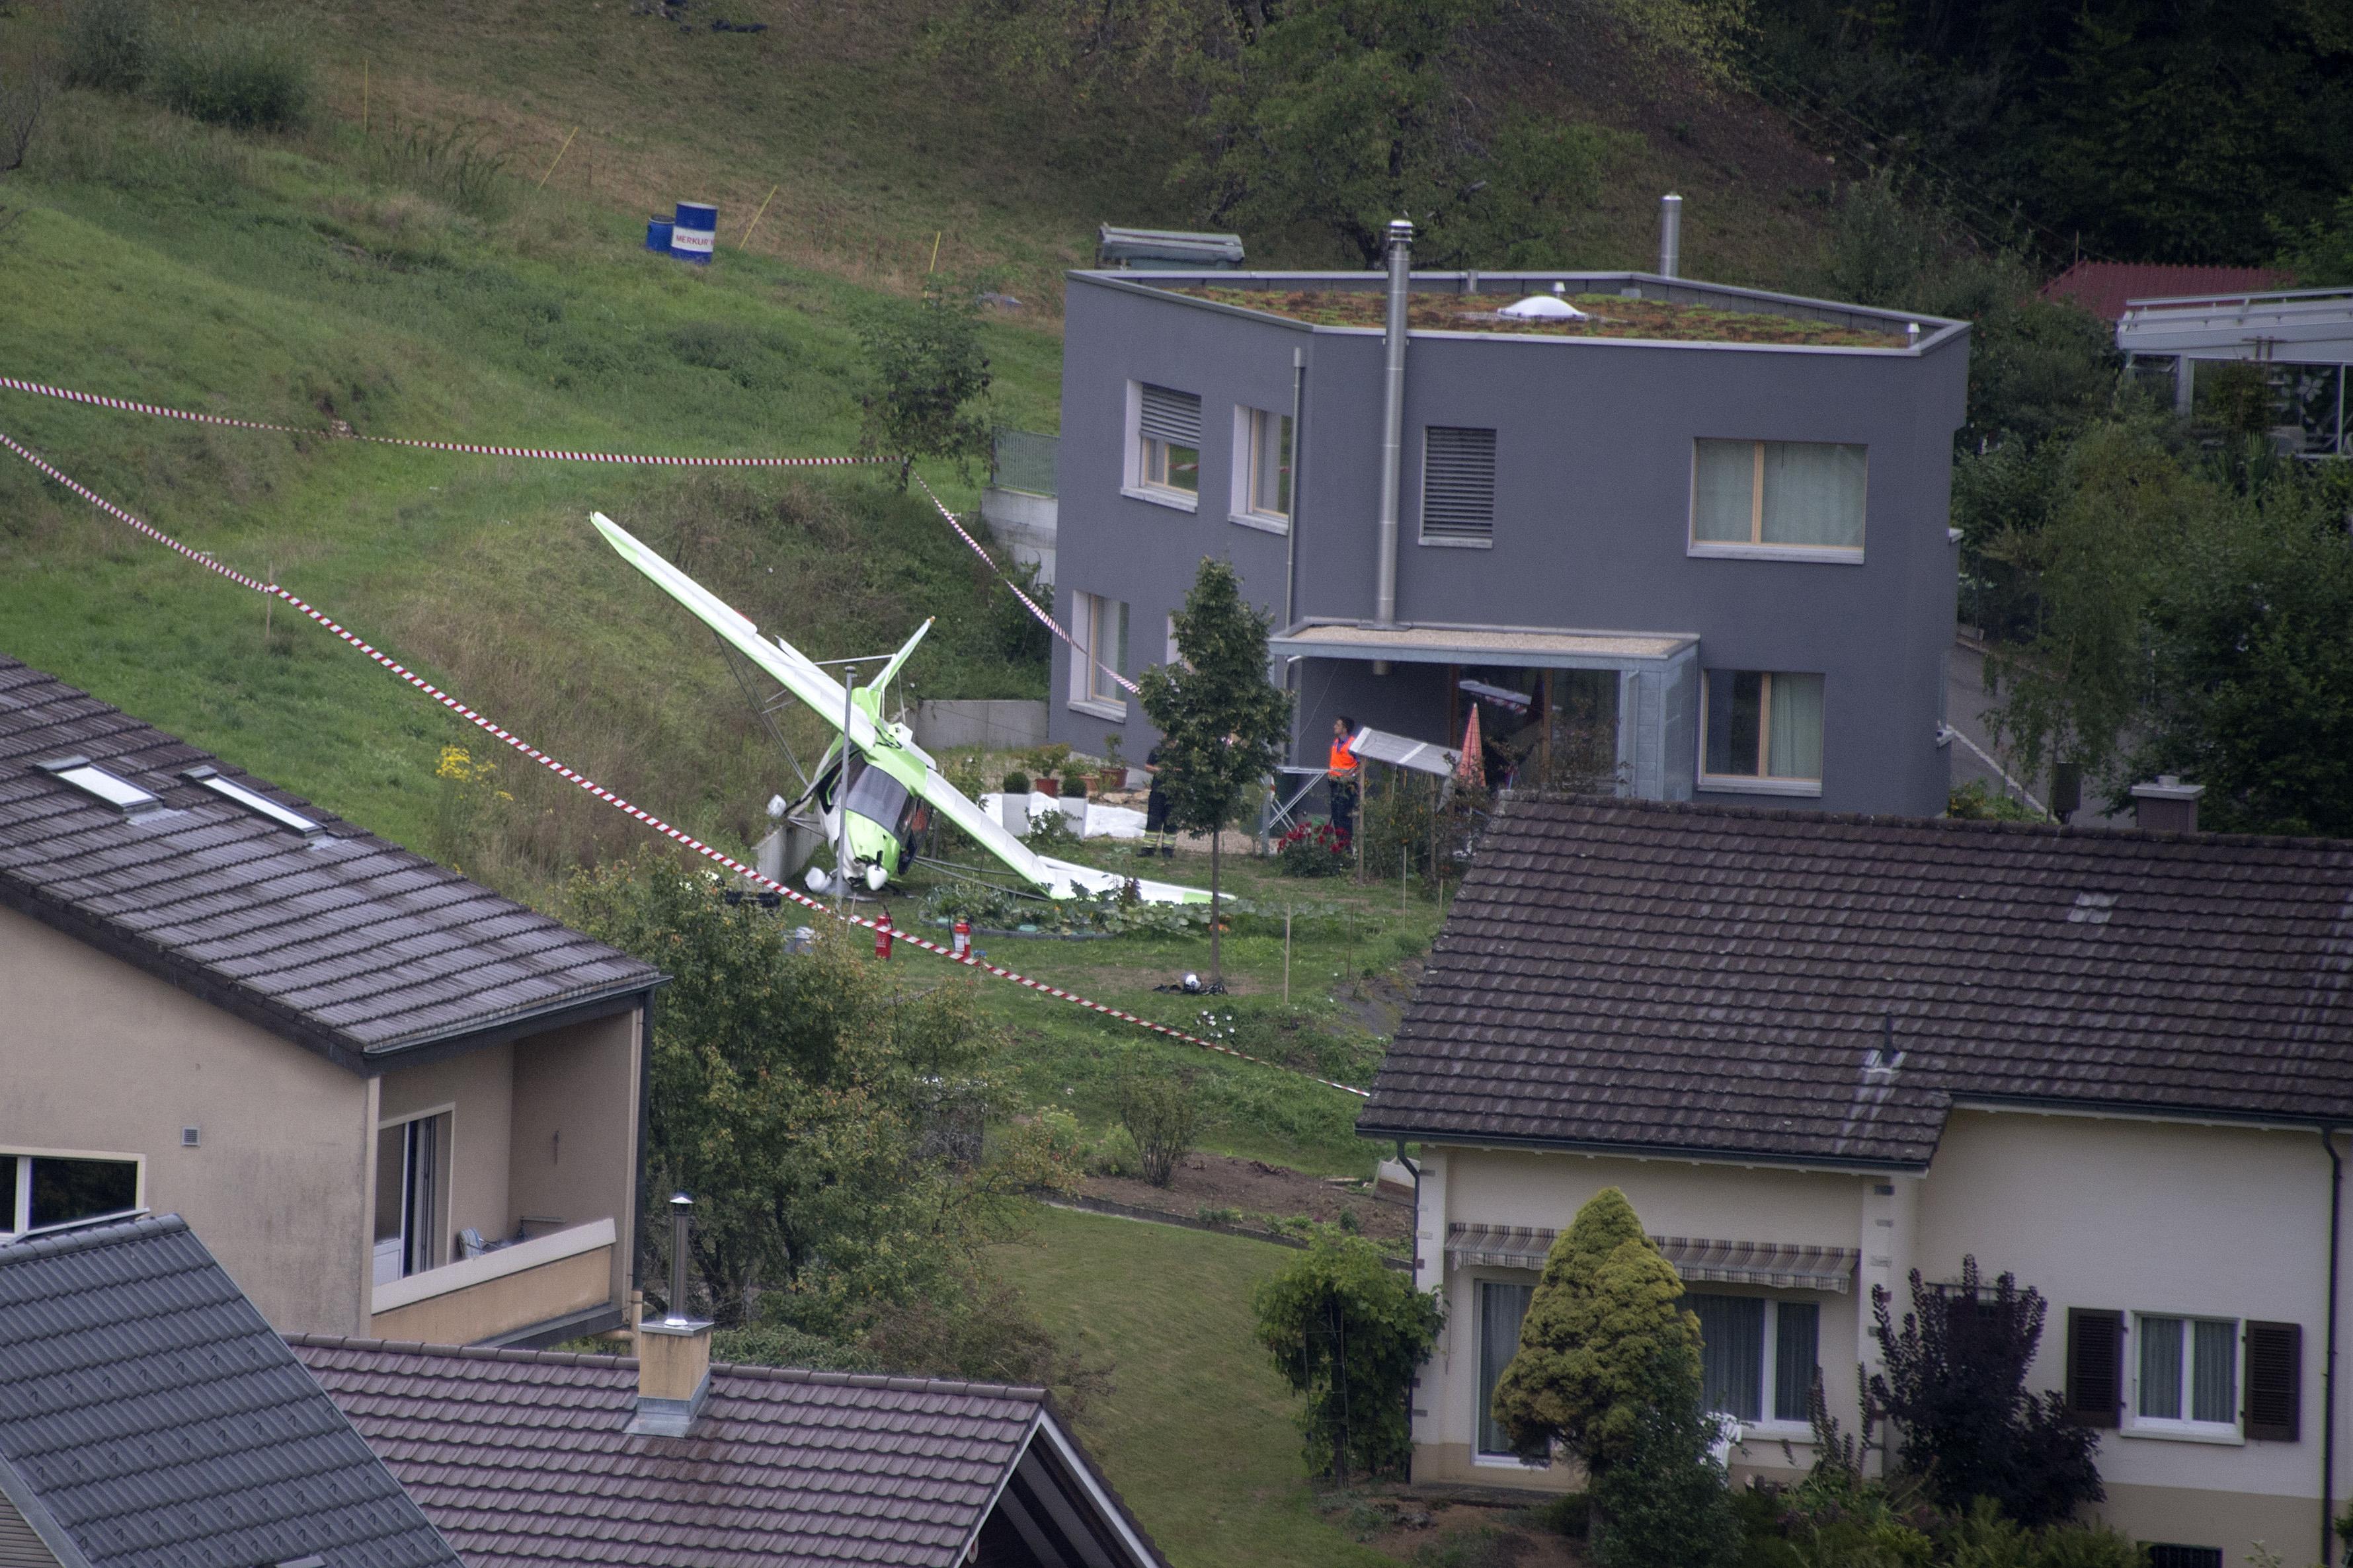 Absturzstelle eines Flugzeuges, das an der Dittinger Flugshow teilgenommen hat, in Dittingen, am Sonntag, 23. August 2015.